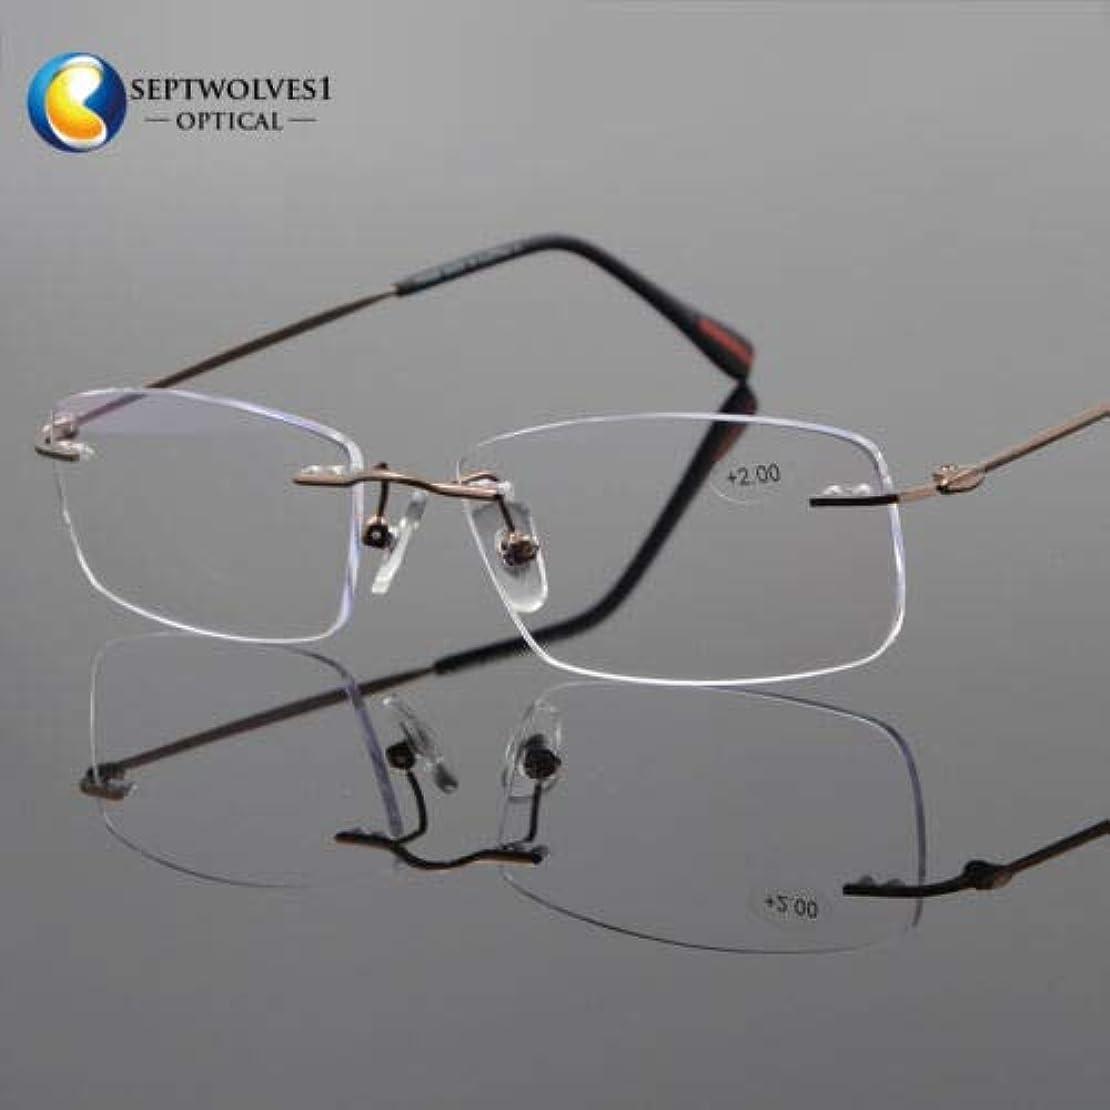 FidgetGear 新しいβチタン縁なし老眼鏡UV400コーティングレンズリーダー+0.00?+ 5.00 褐色